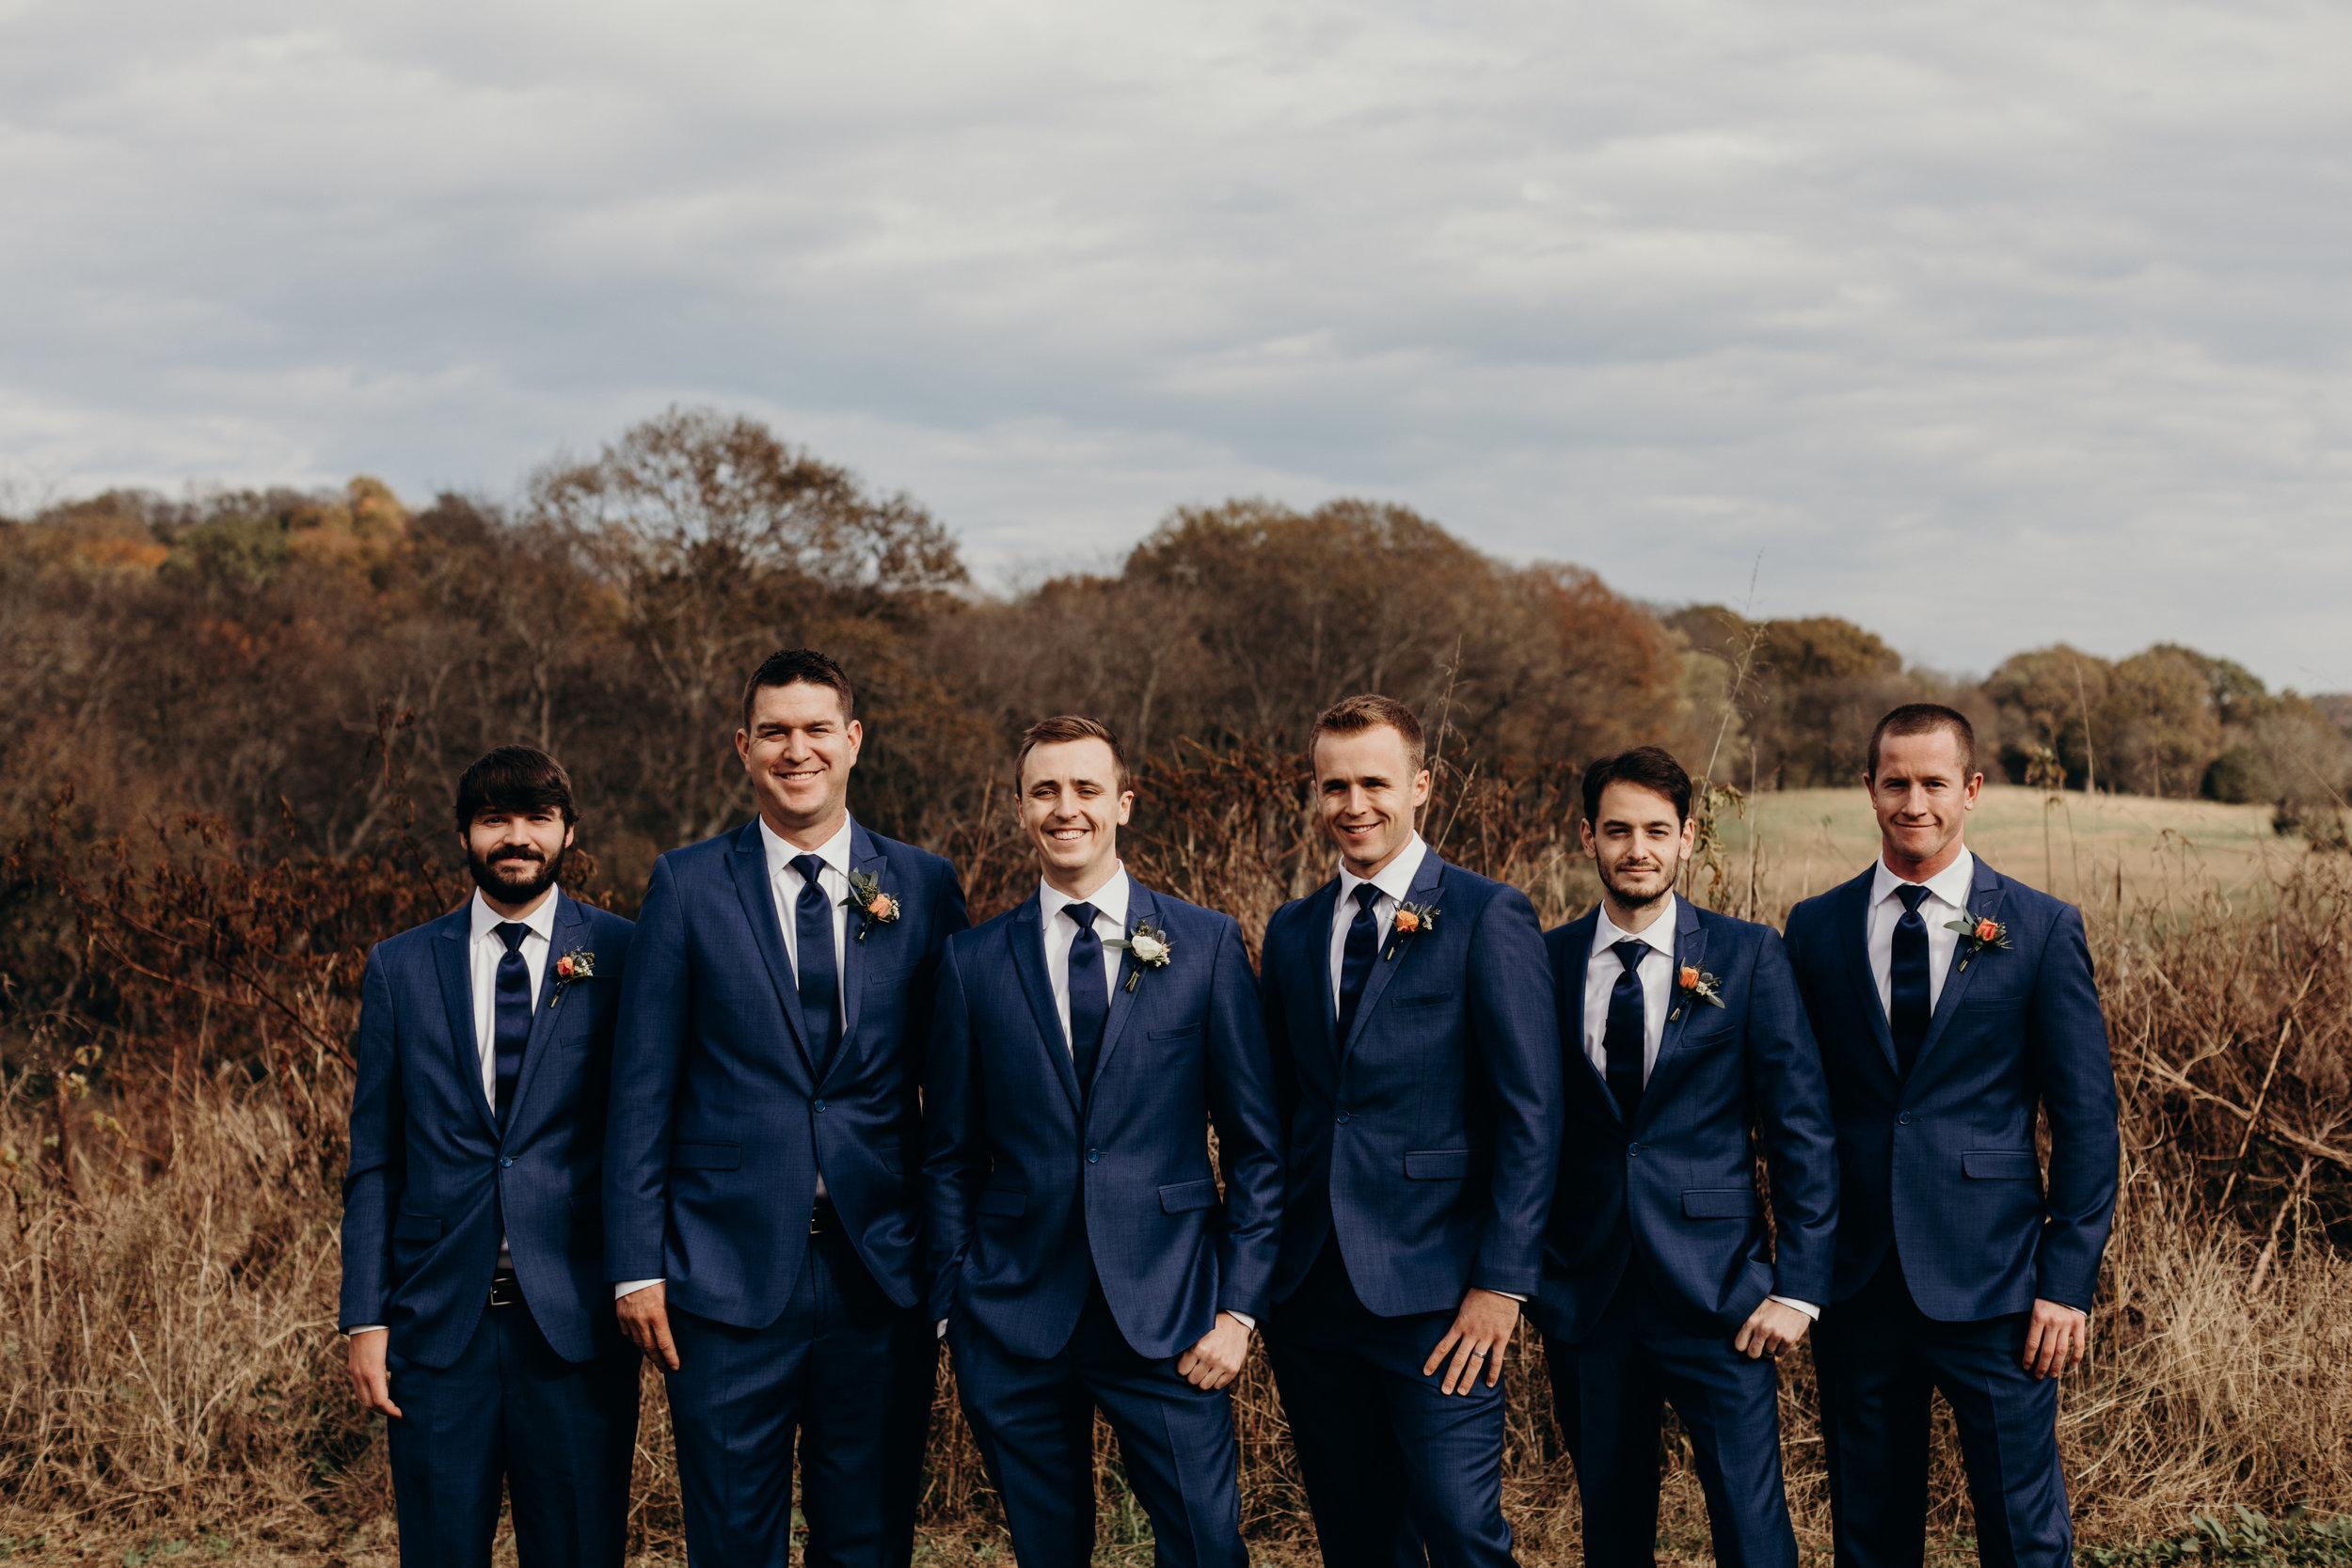 354-ltw-morgan-adam-wedding.jpg